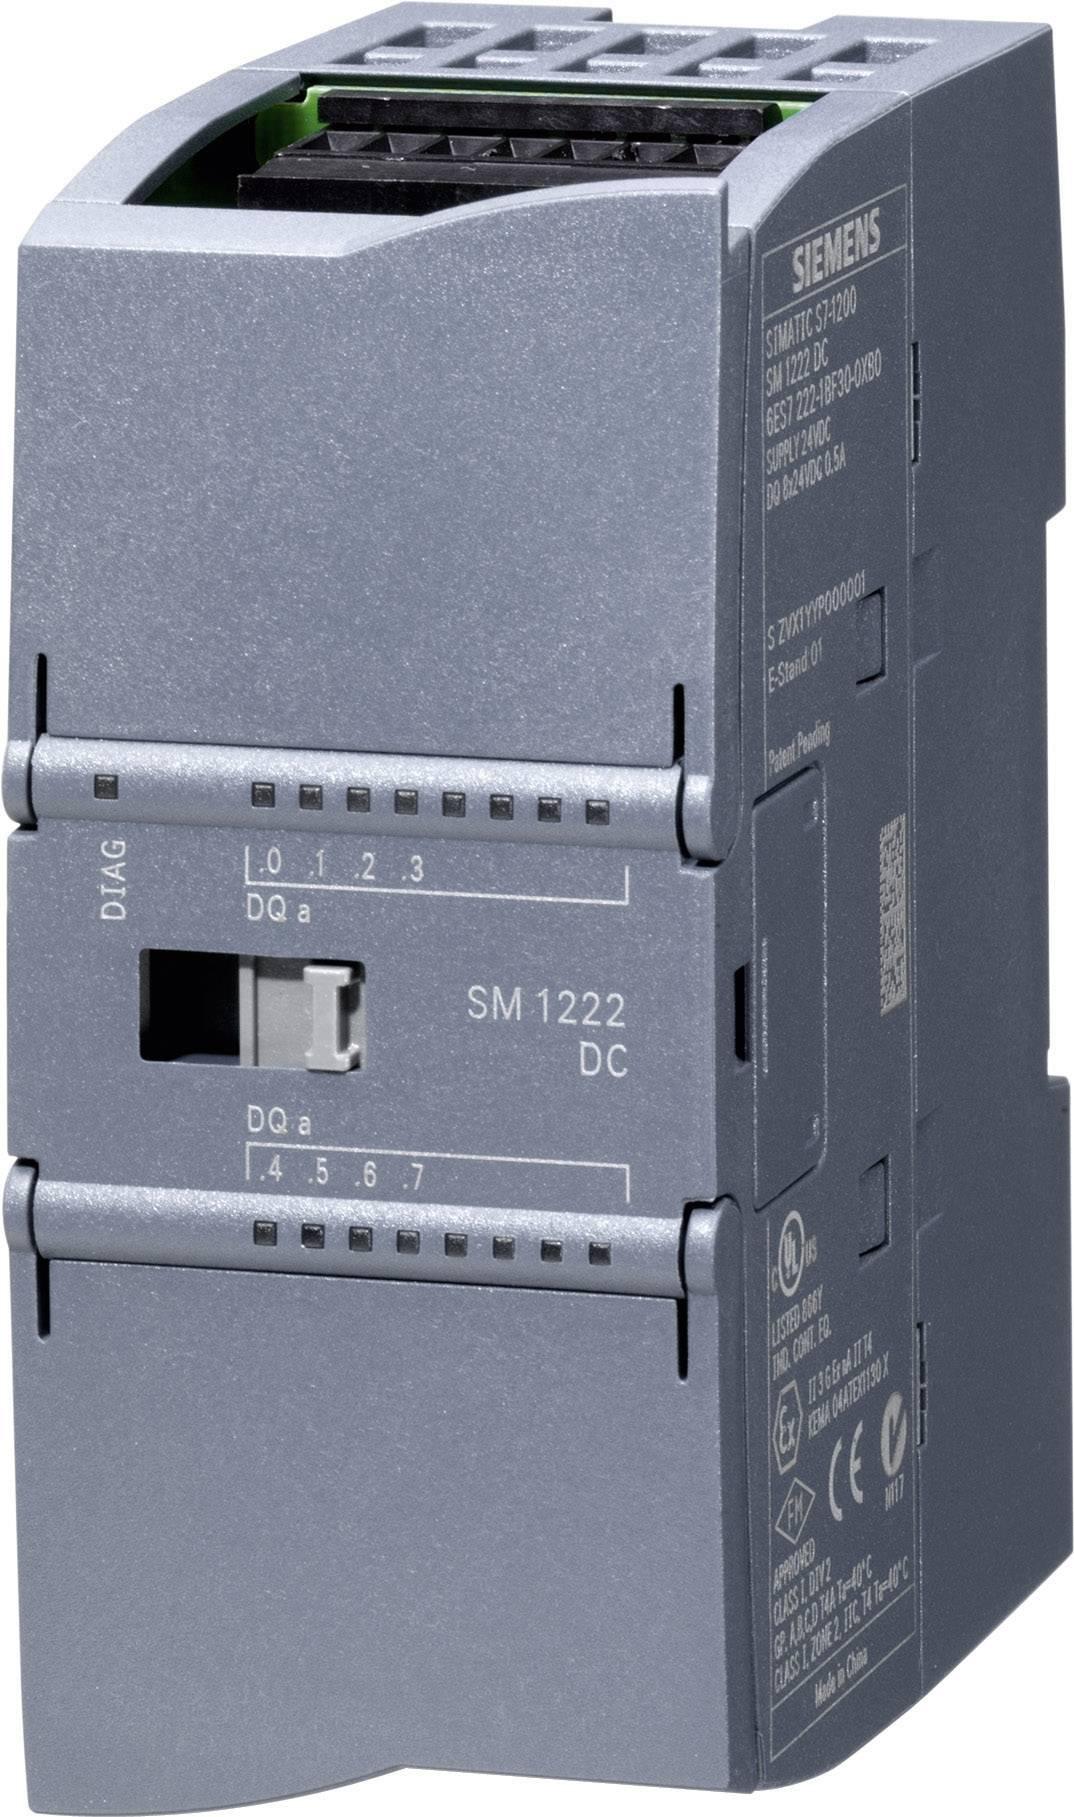 PLC rozširujúci modul Siemens SM 1222 6ES7222-1BH32-0XB0